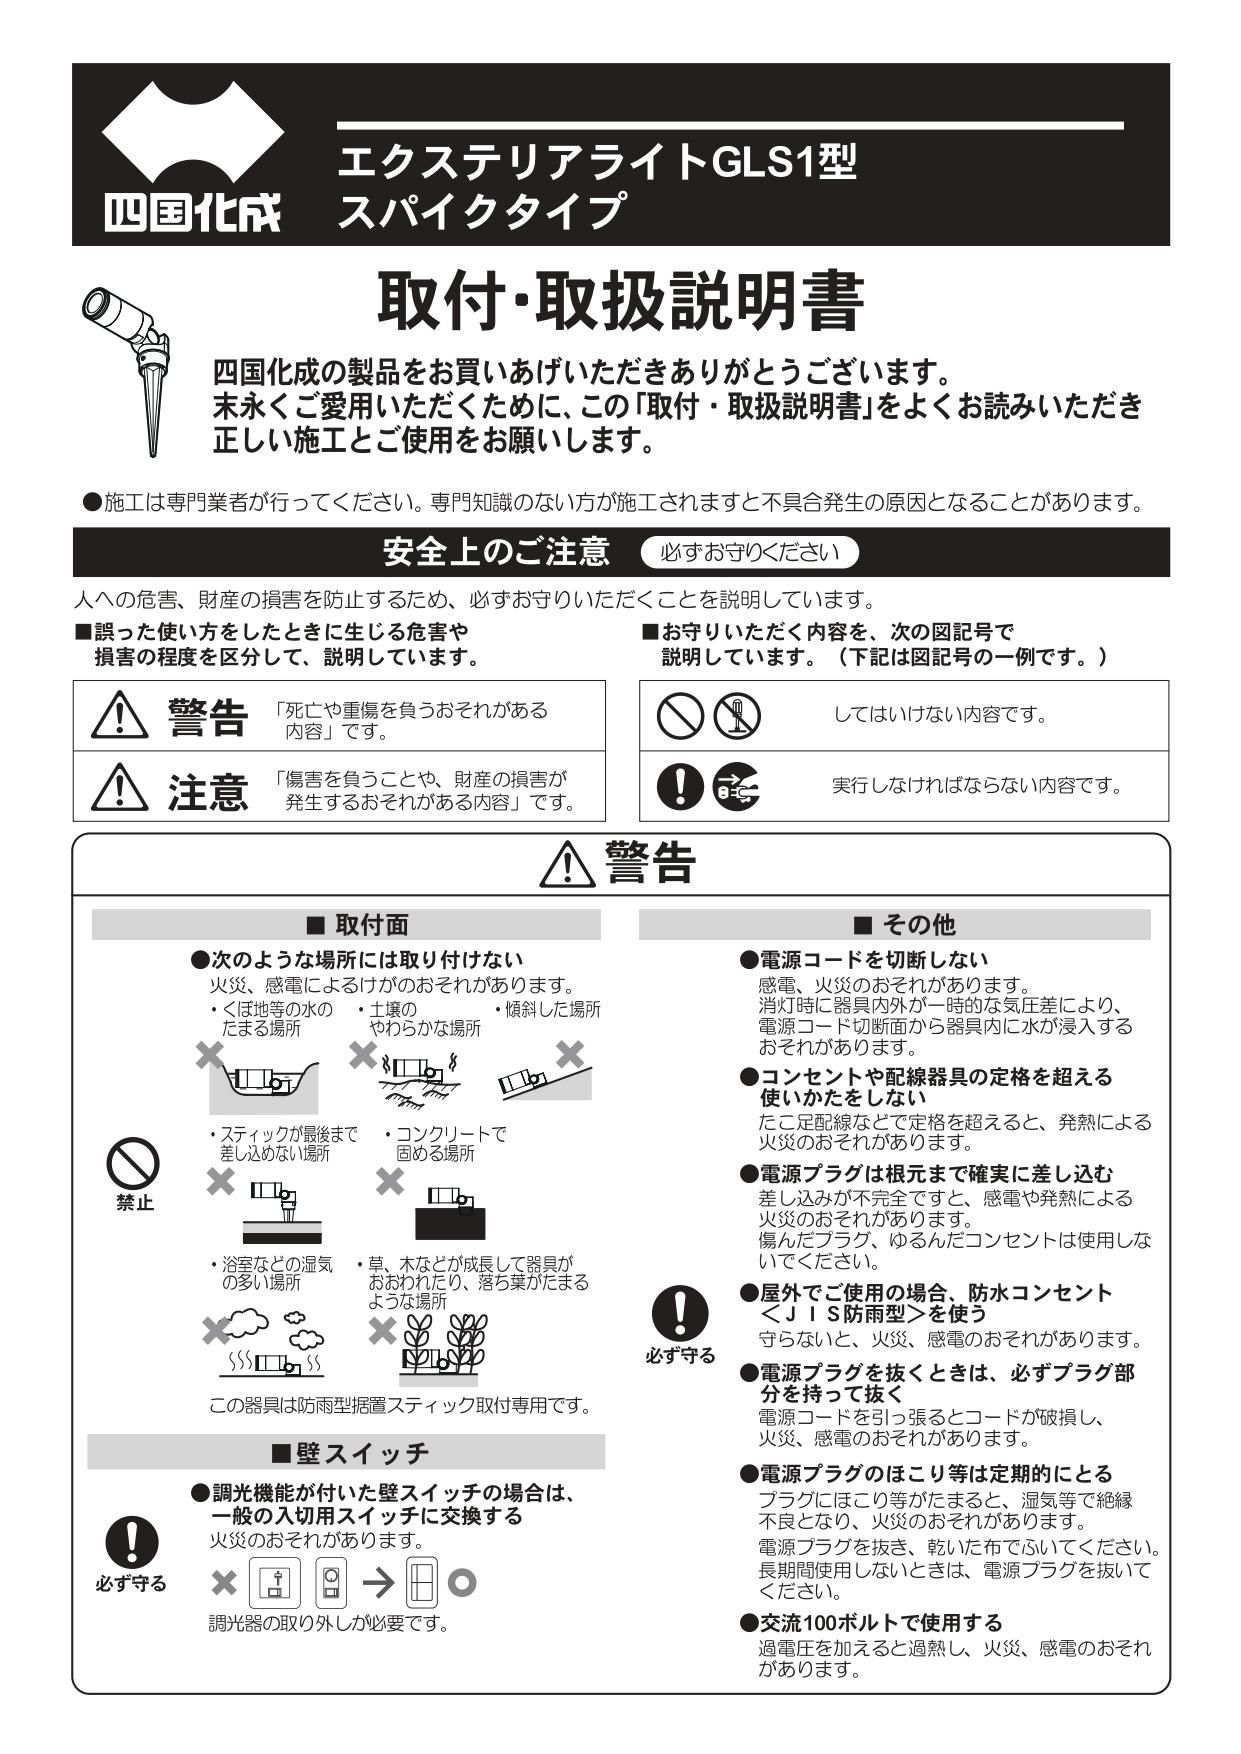 エクステリアライト GLS1型 スポットライト スパイクタイプ 施工説明書_page-0001